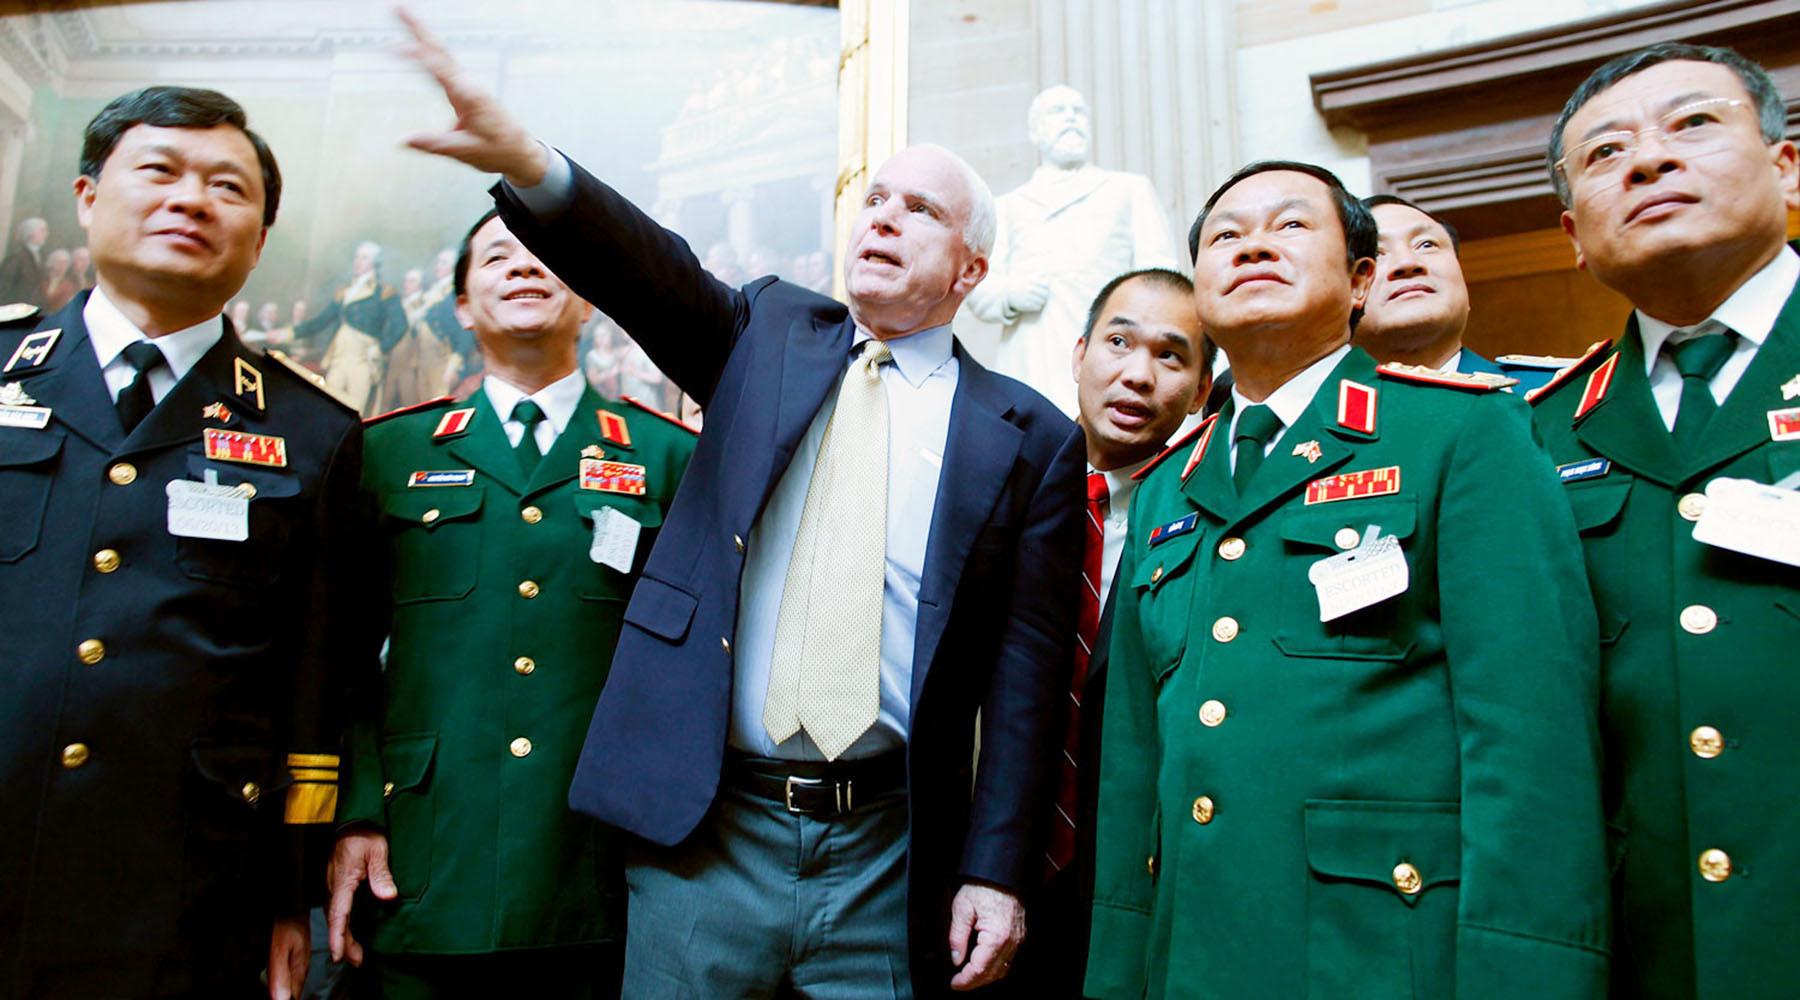 Вьетнамский синдром: как США укрепляют связи с бывшим военным противником